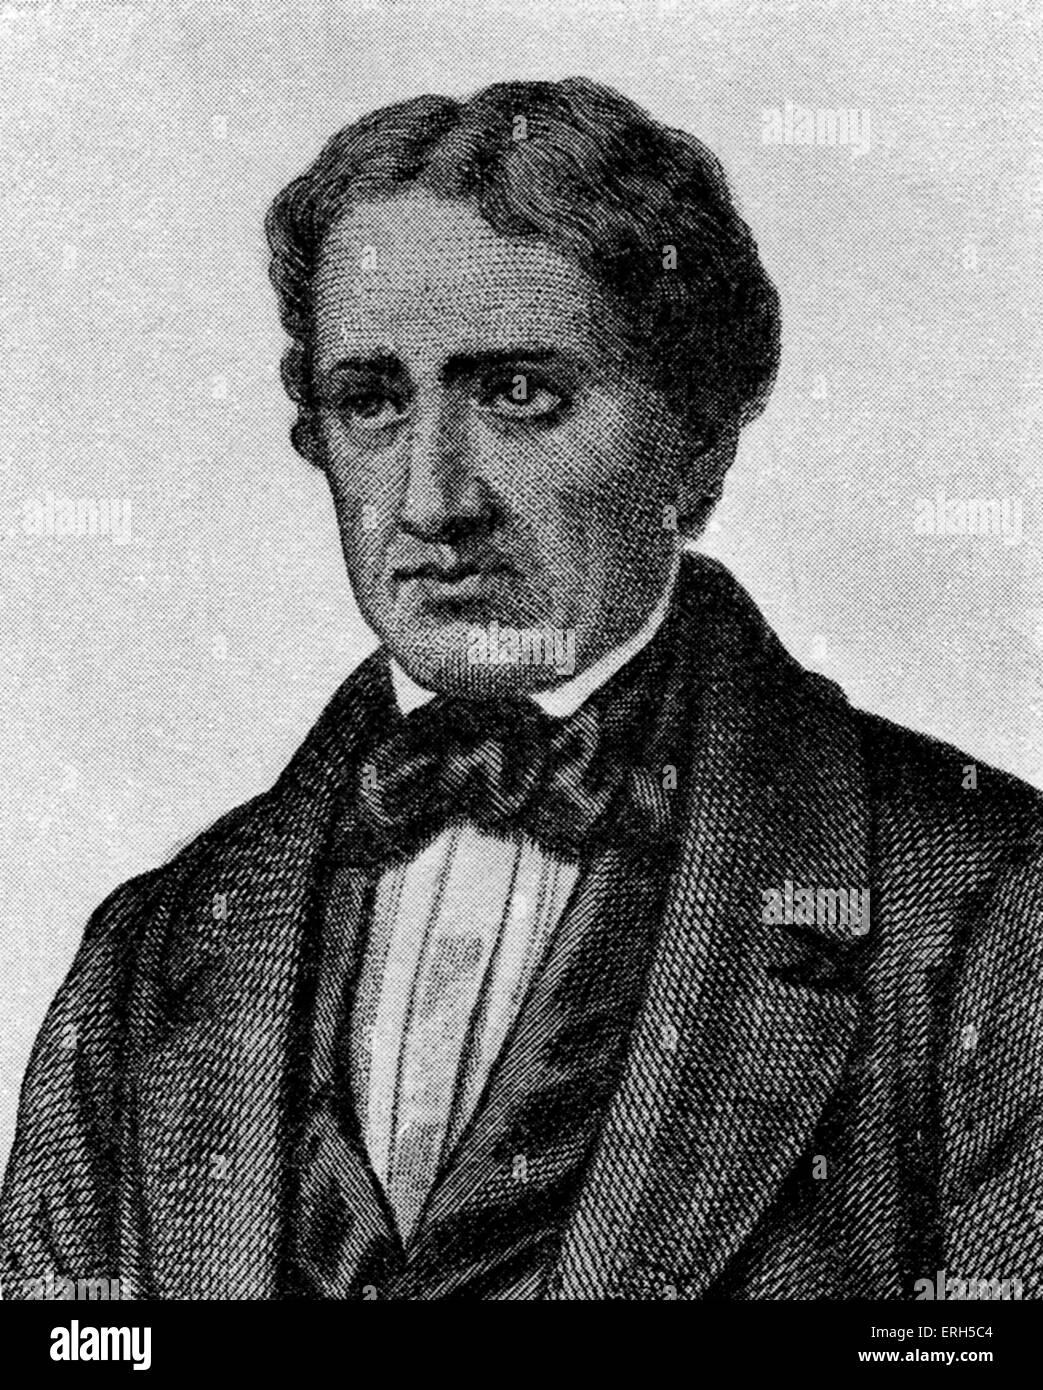 Giovanni Berchet - italienischer Dichter und Patriot, geboren in Mailand im Jahre 1783. Schrieb eine einflussreiche Stockbild